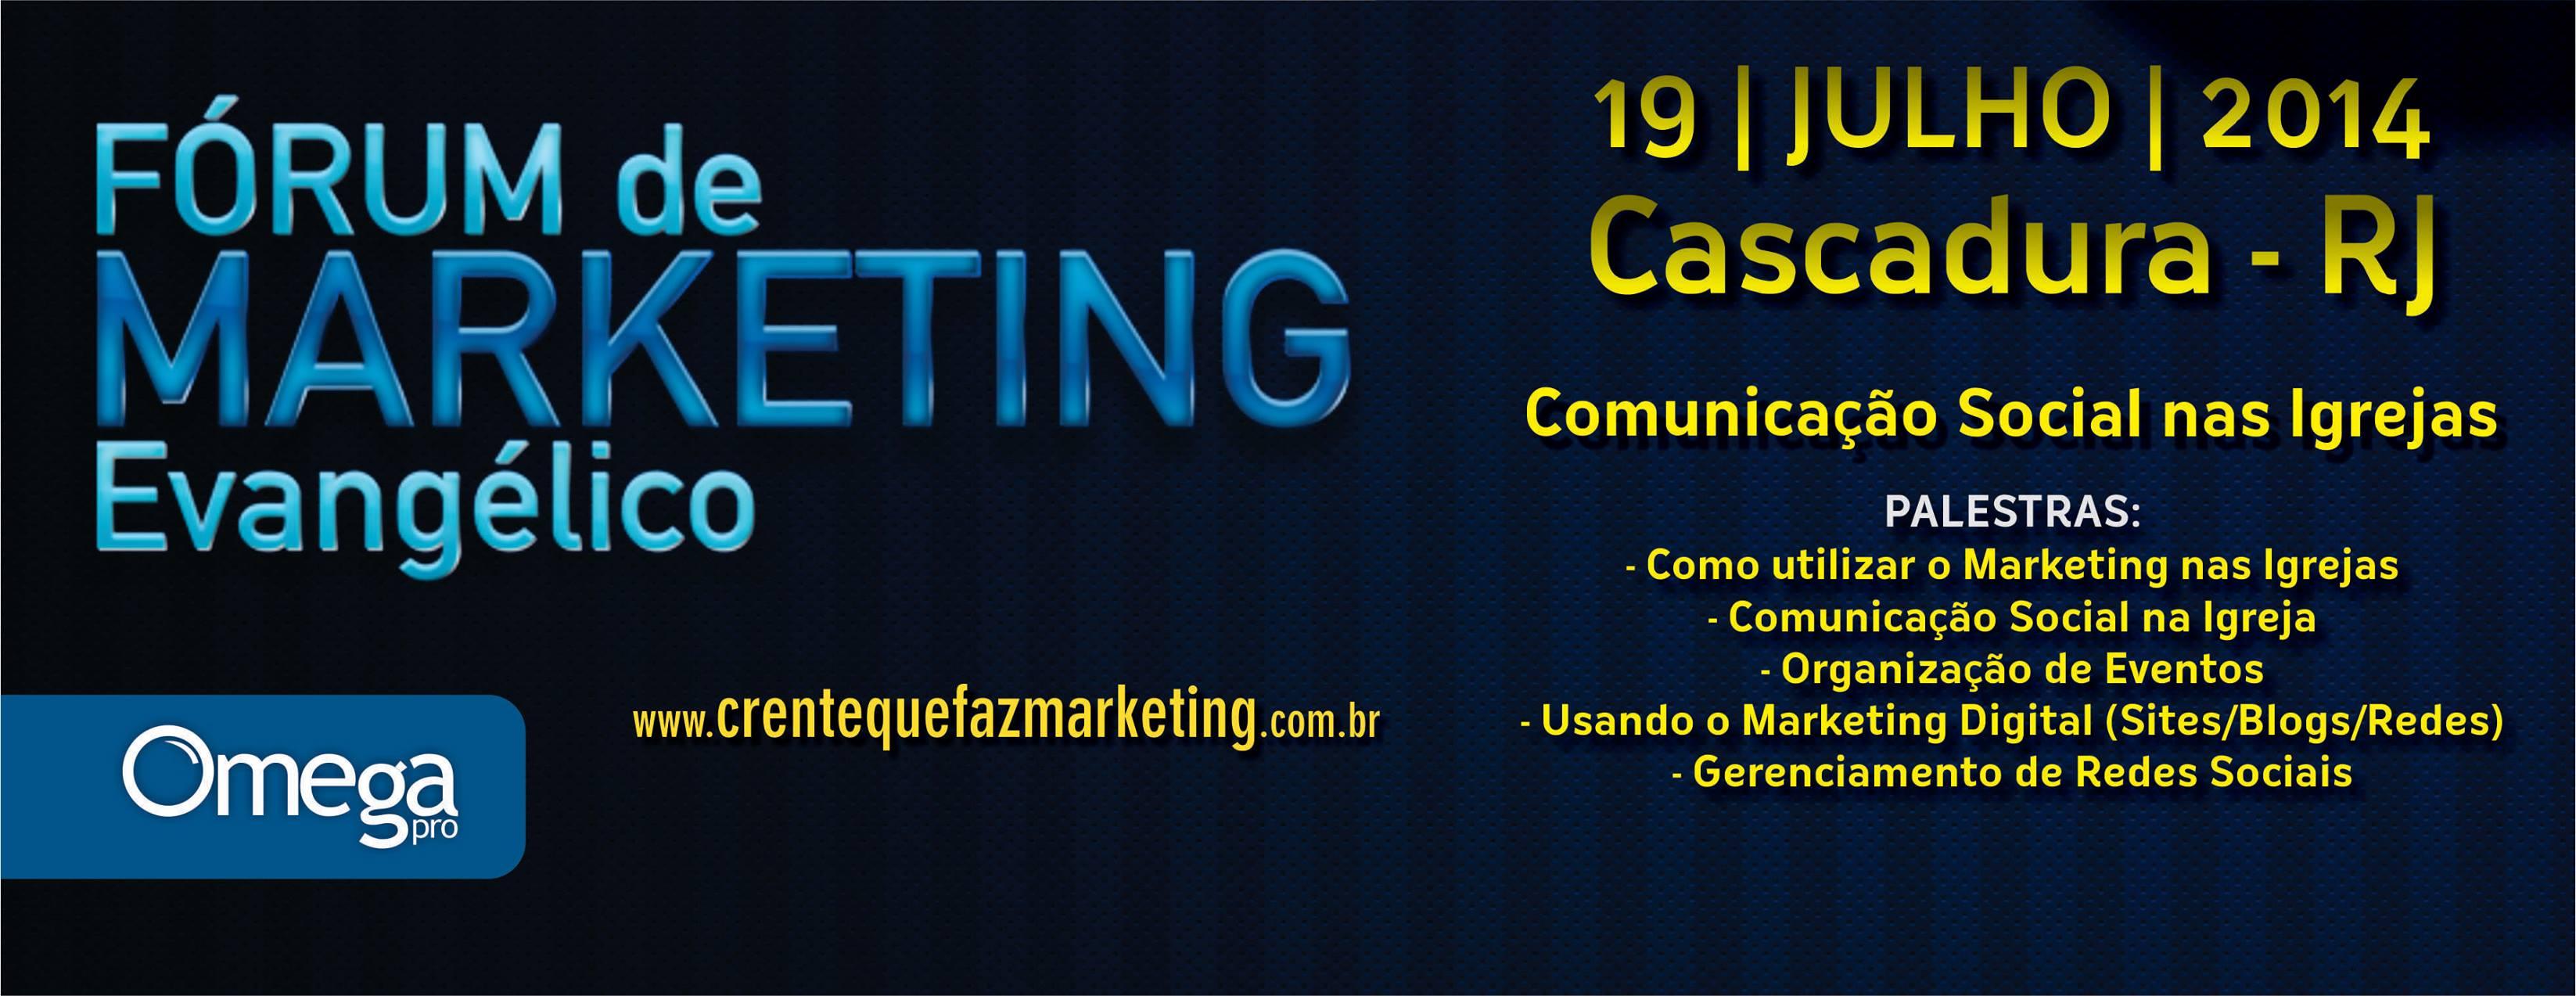 Fórum de Marketing Evangélico